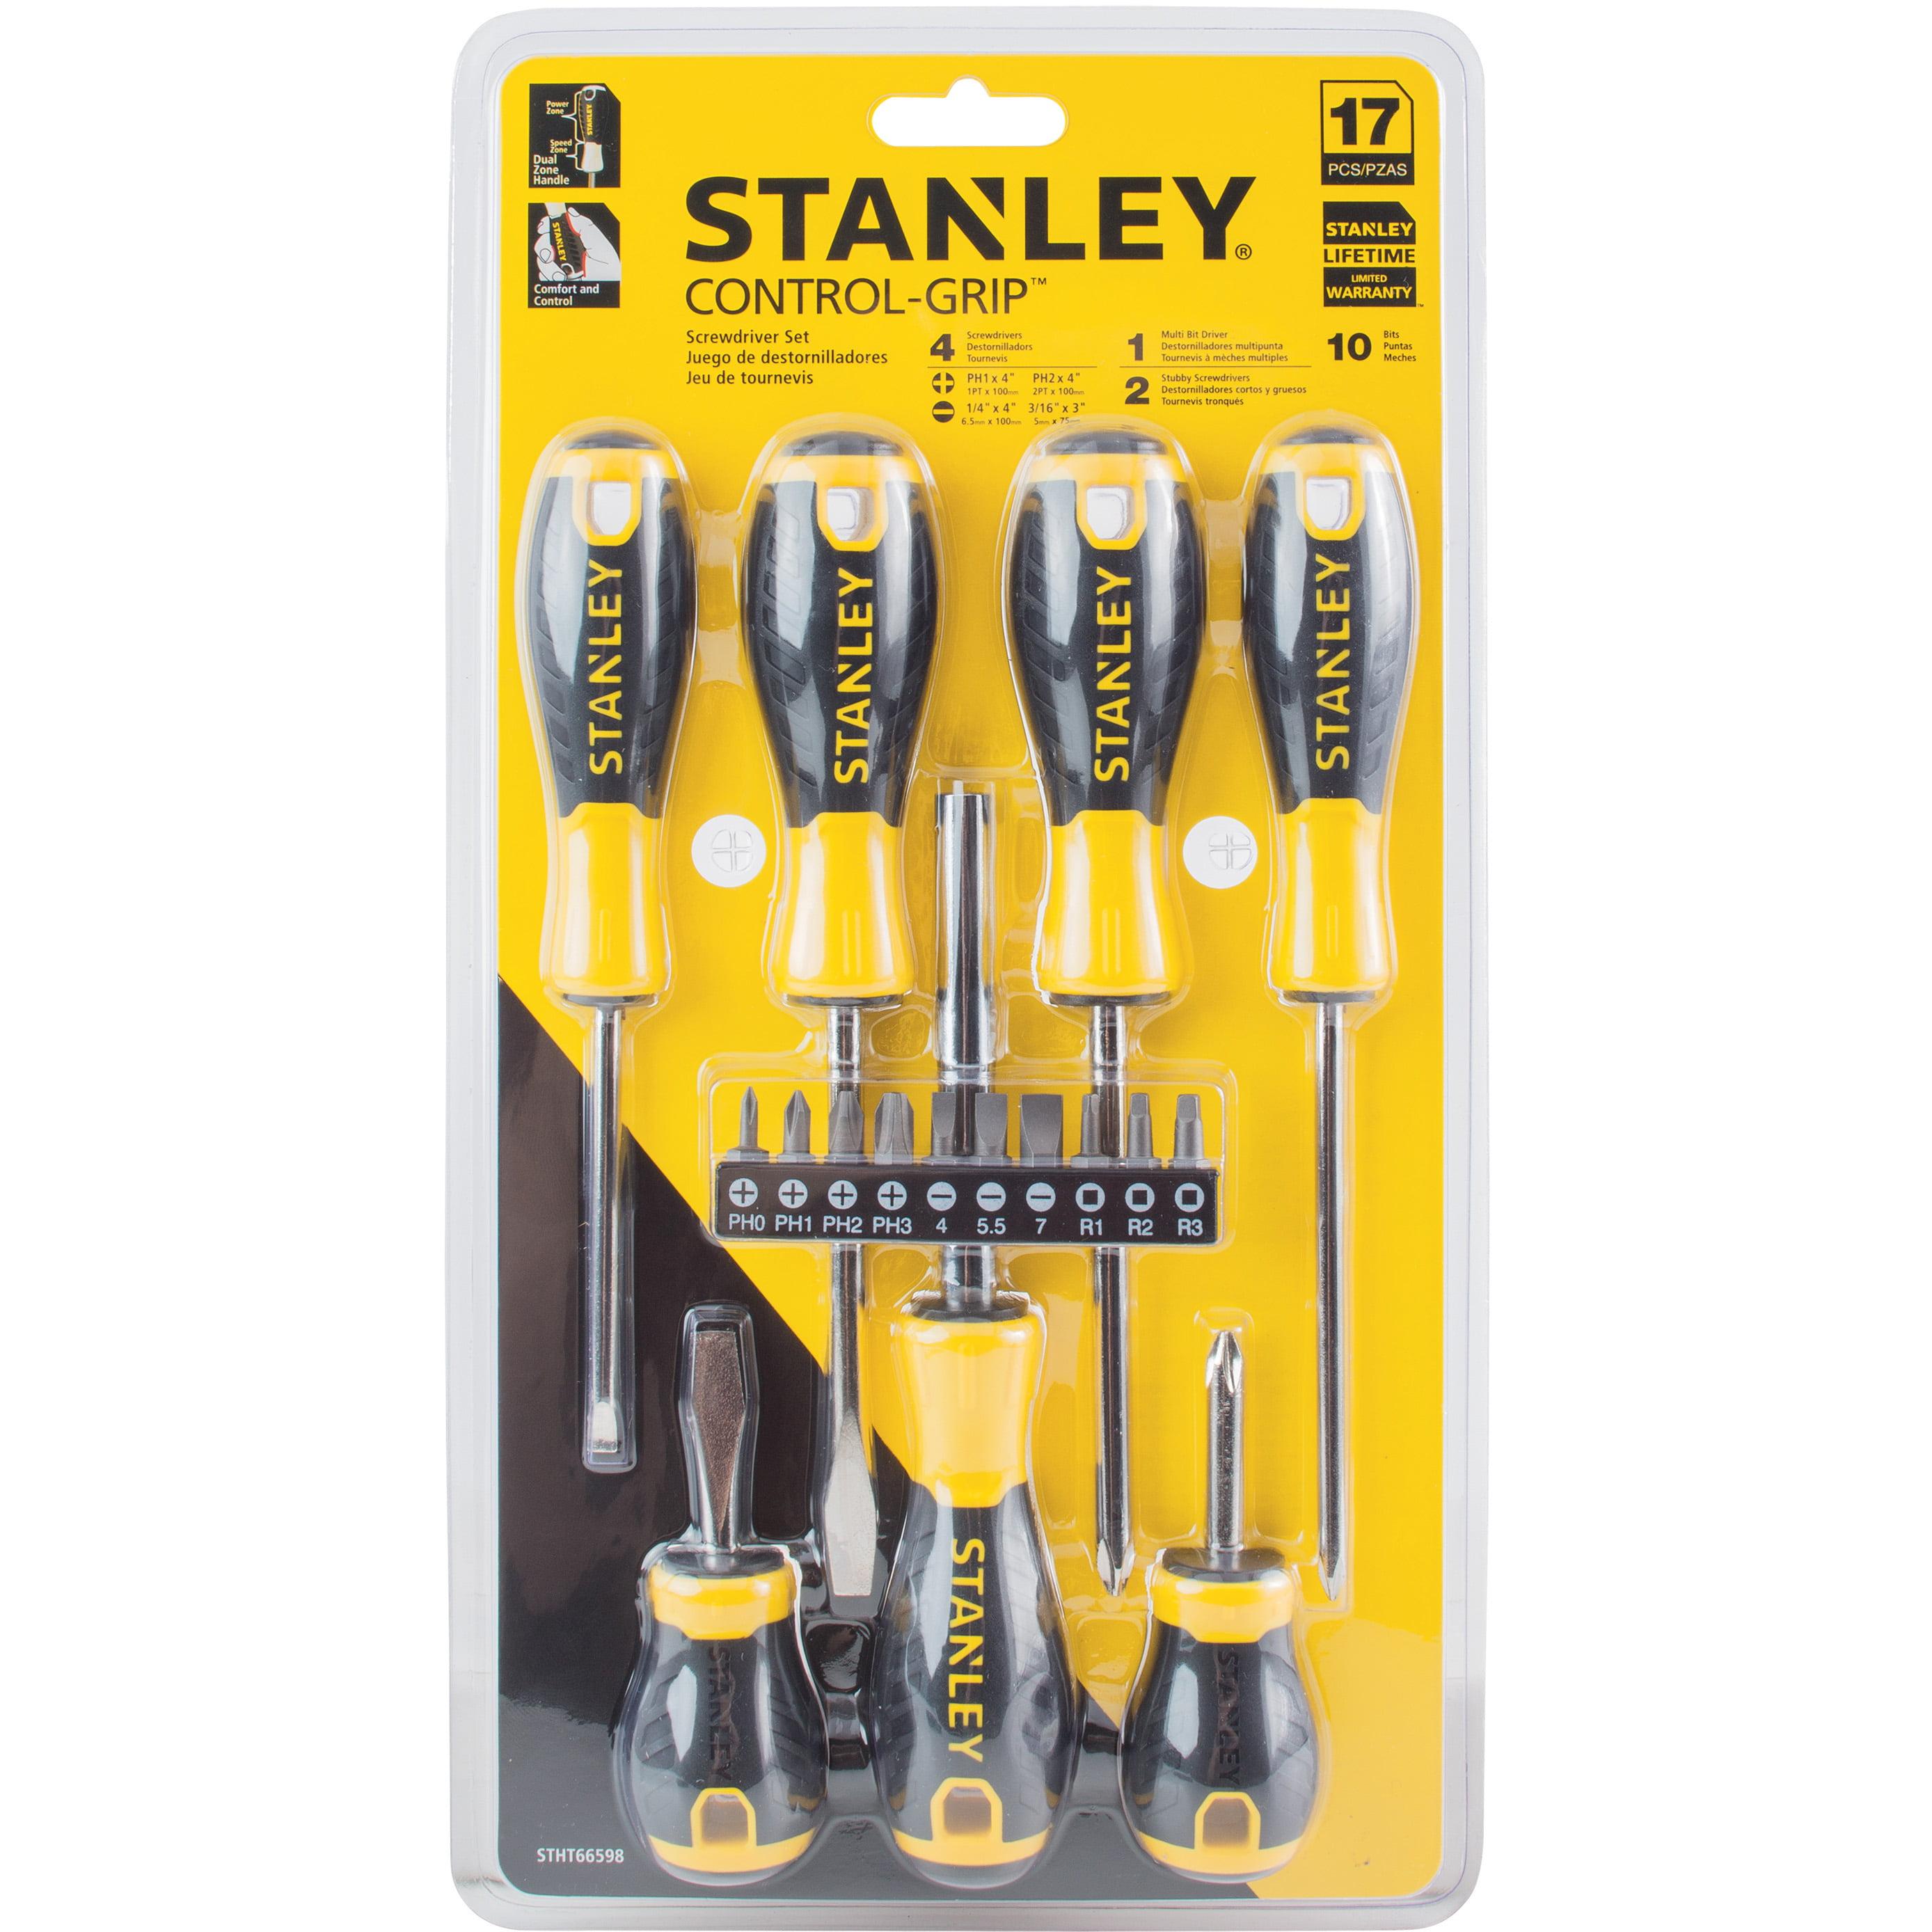 Stanley STHT66598 17 Piece CG Screwdriver Set by Stanley Black & Decker